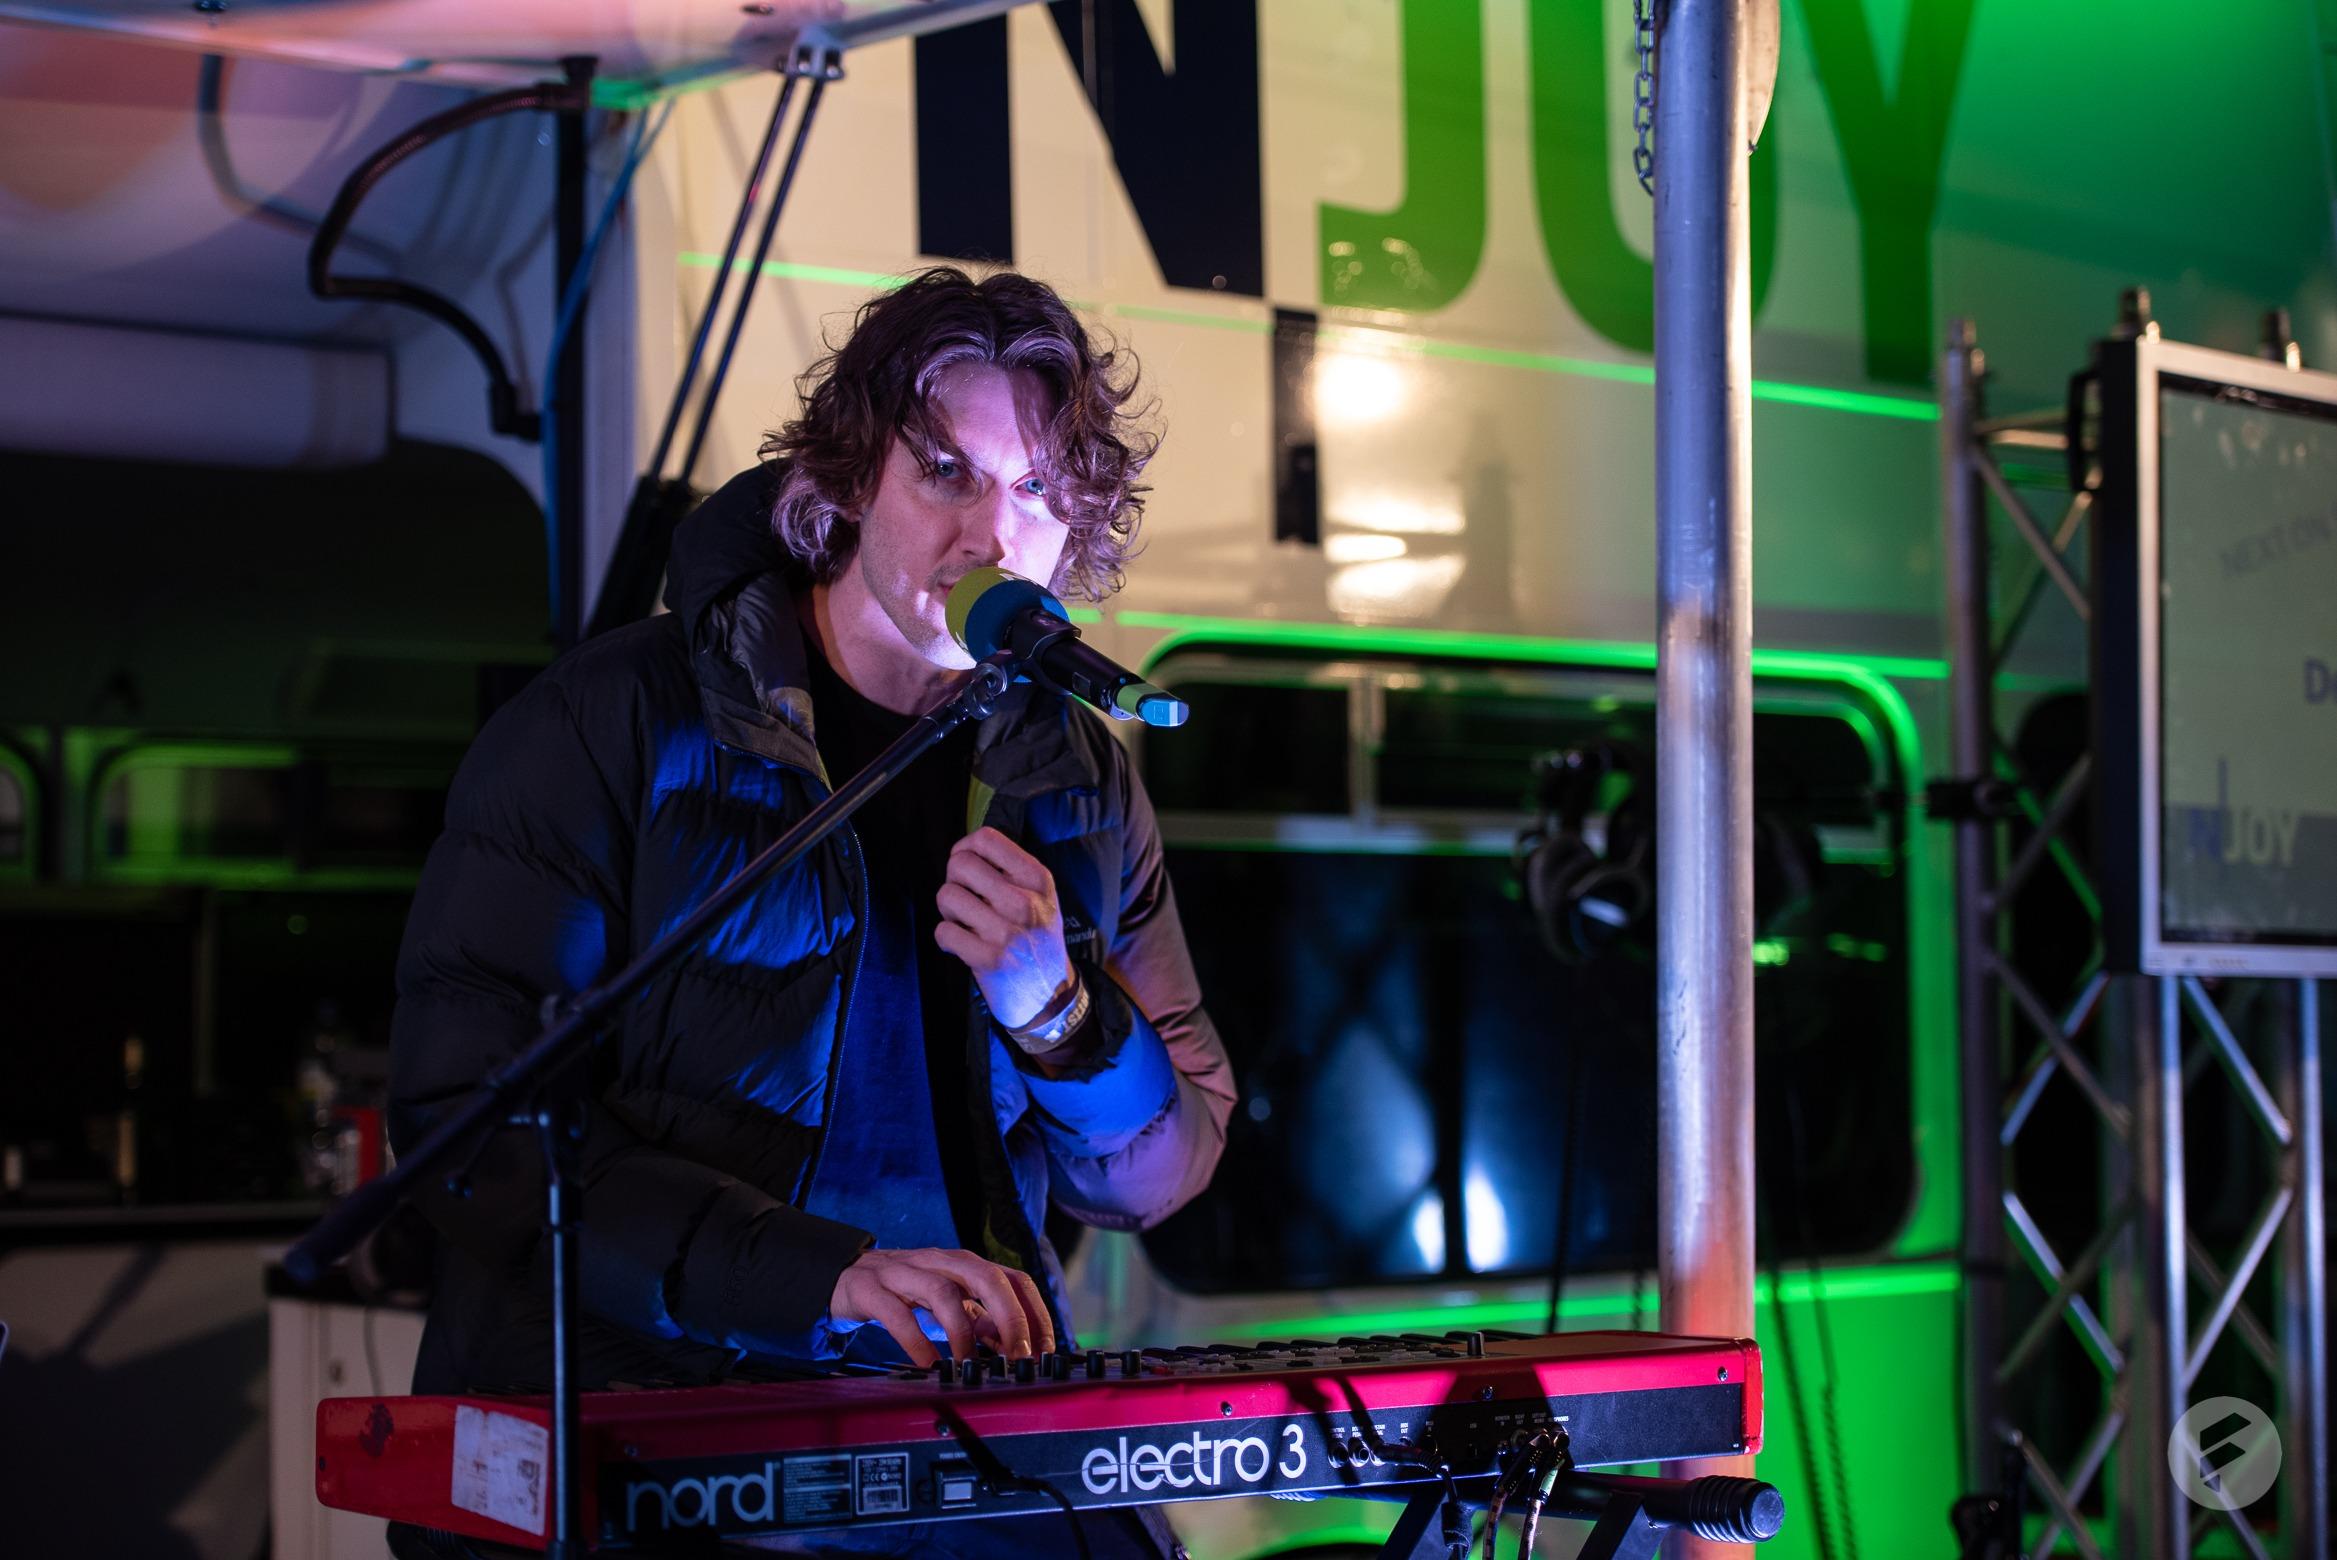 Der smarte Australier Dean Lewis spielte ein Akkustikset am N-JOY Reeperbus. (stagr / Julia Langmaack)